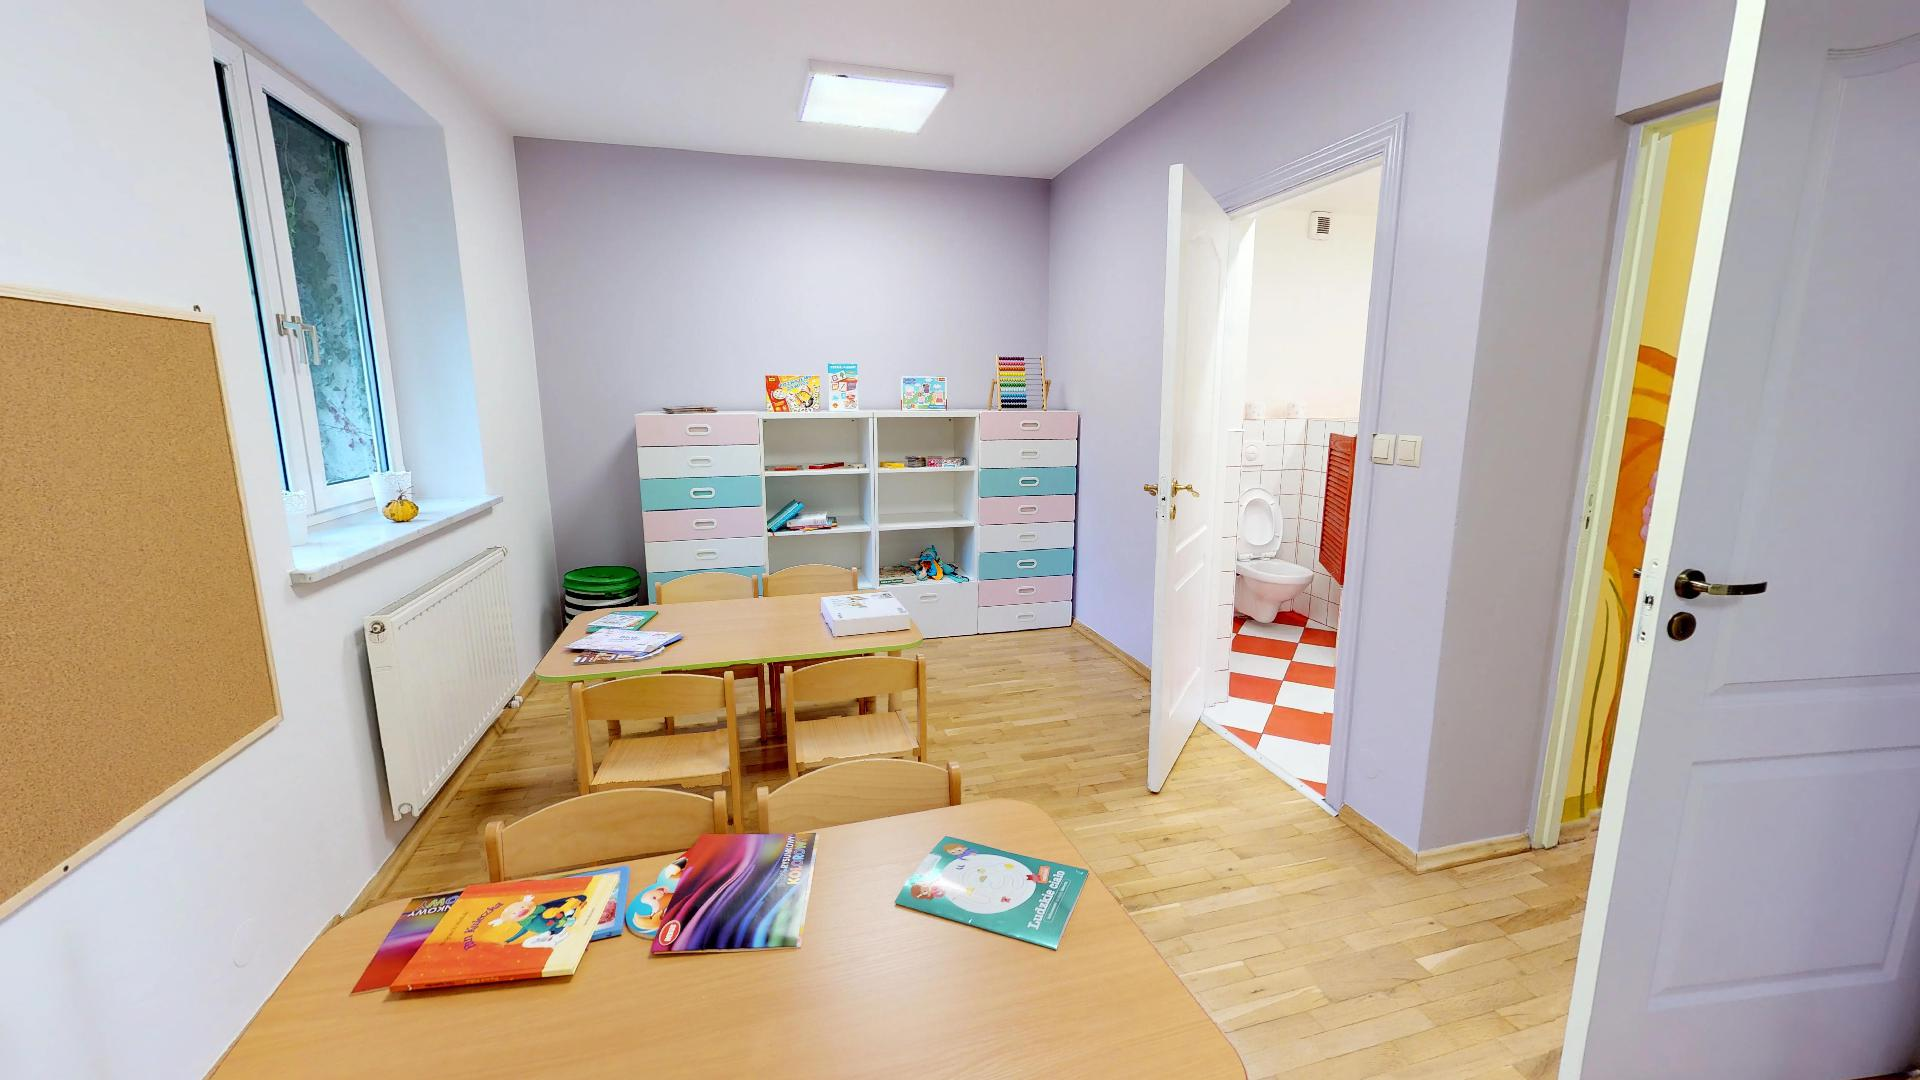 zwiedzanie przedszkola wirtualny spacer